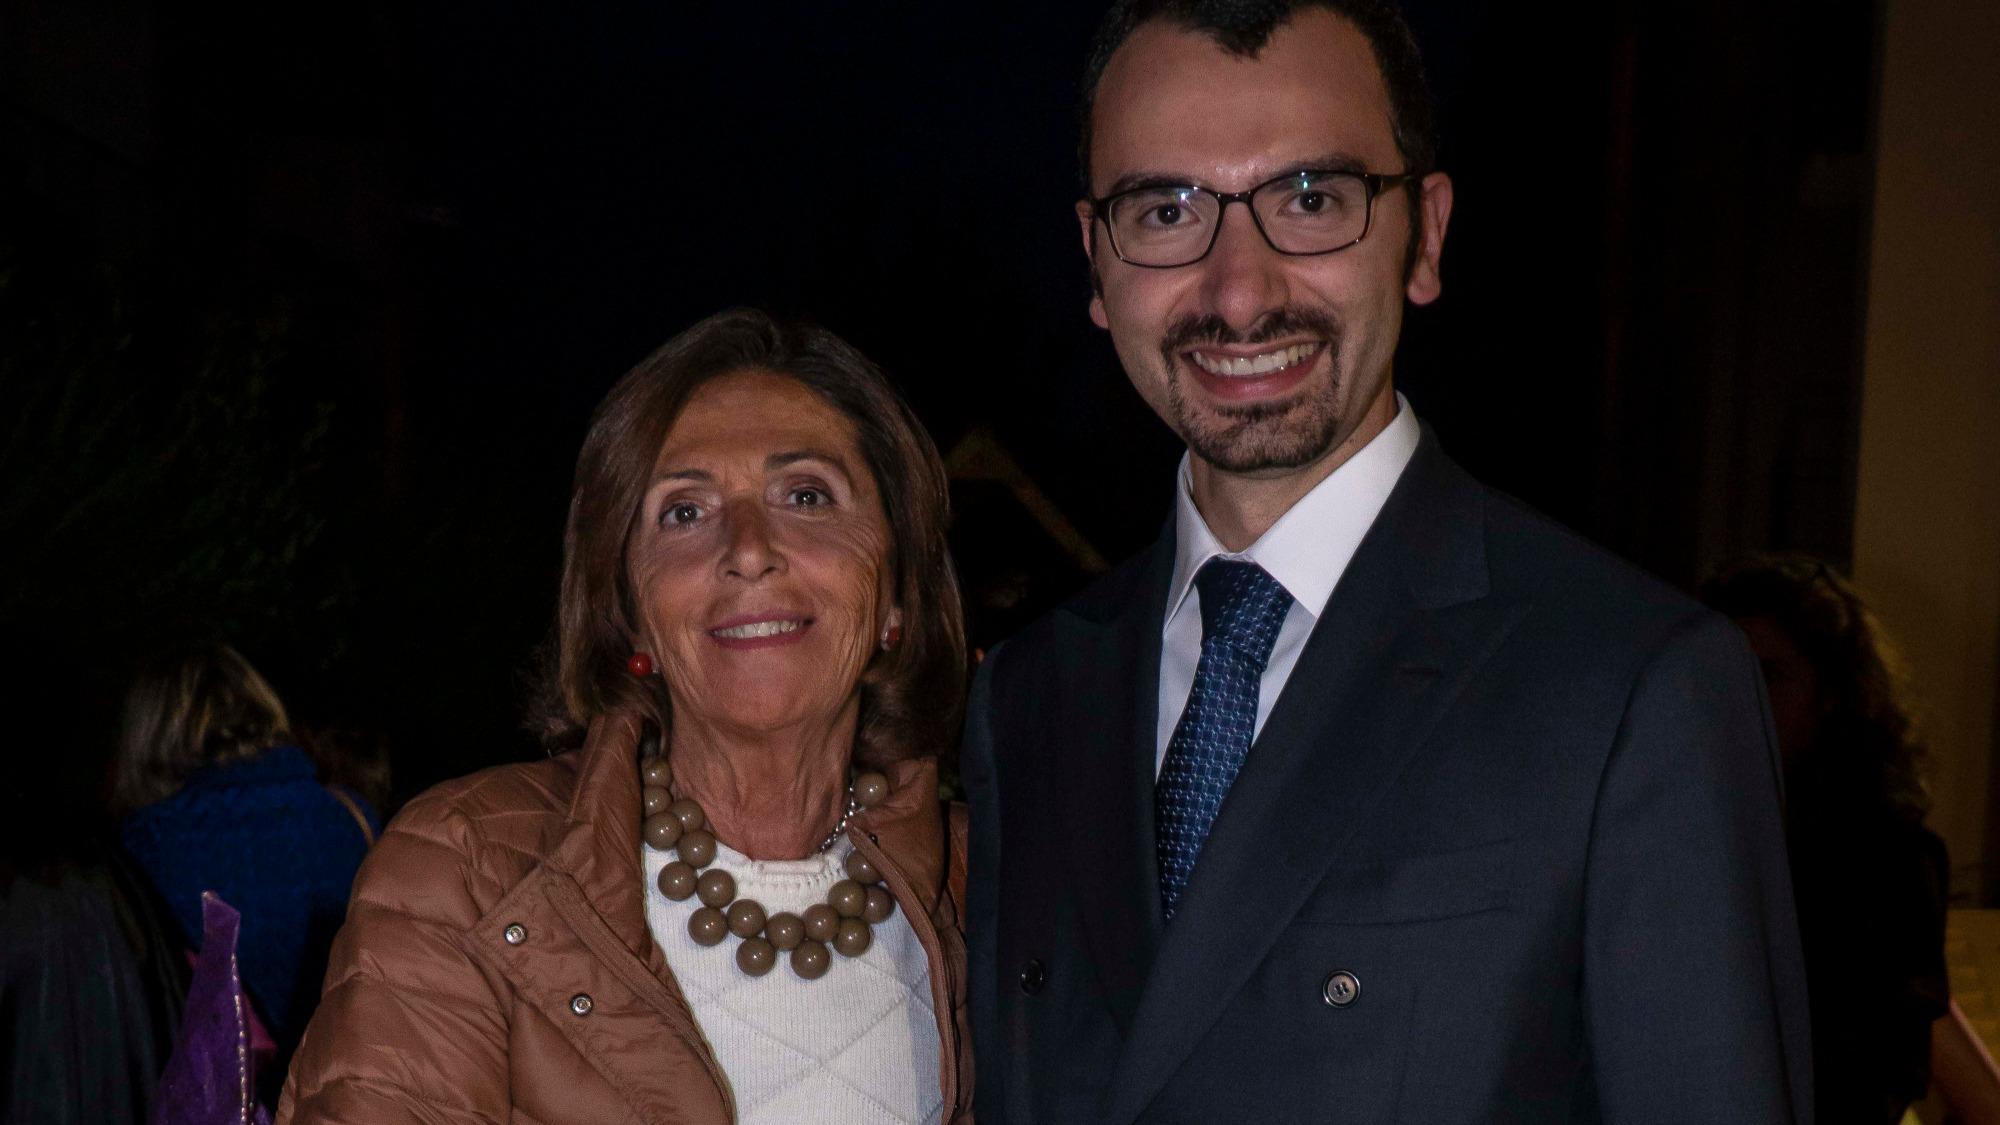 Dott. dentista Anaclerico e la Dott.ssa Pediatra Scanzani